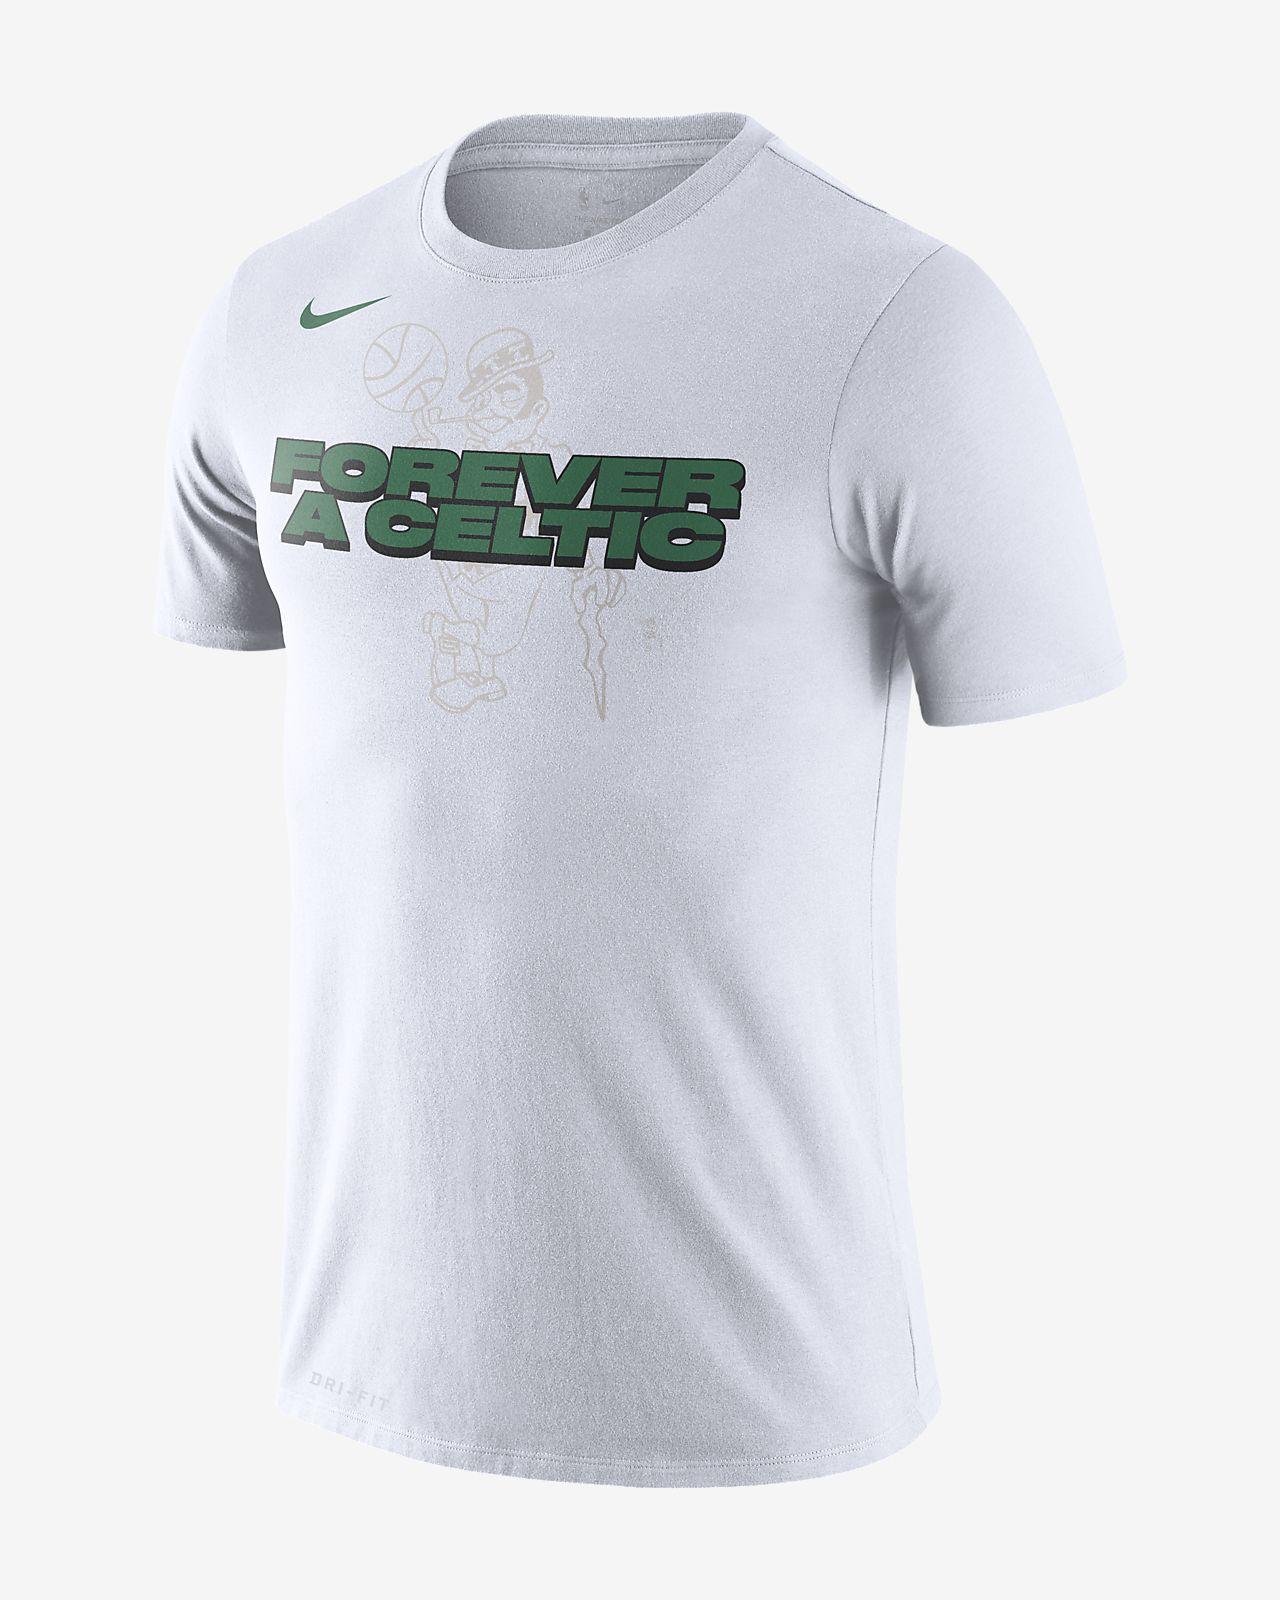 ボストン セルティックス ナイキ Dri-FIT メンズ NBA Tシャツ